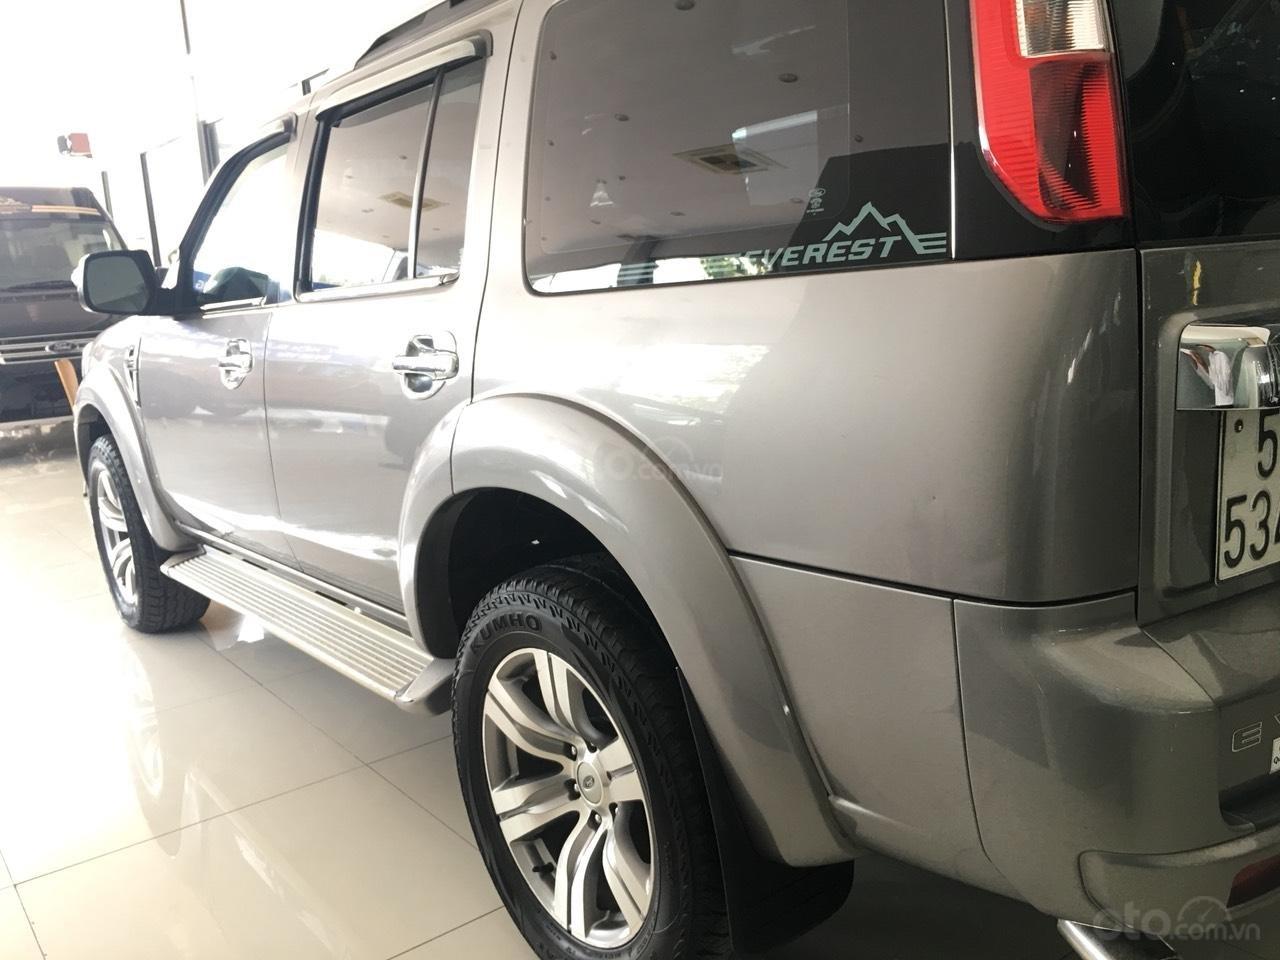 Cần bán xe Ford Everest Limited năm sản xuất 2011, màu xám (ghi)-3